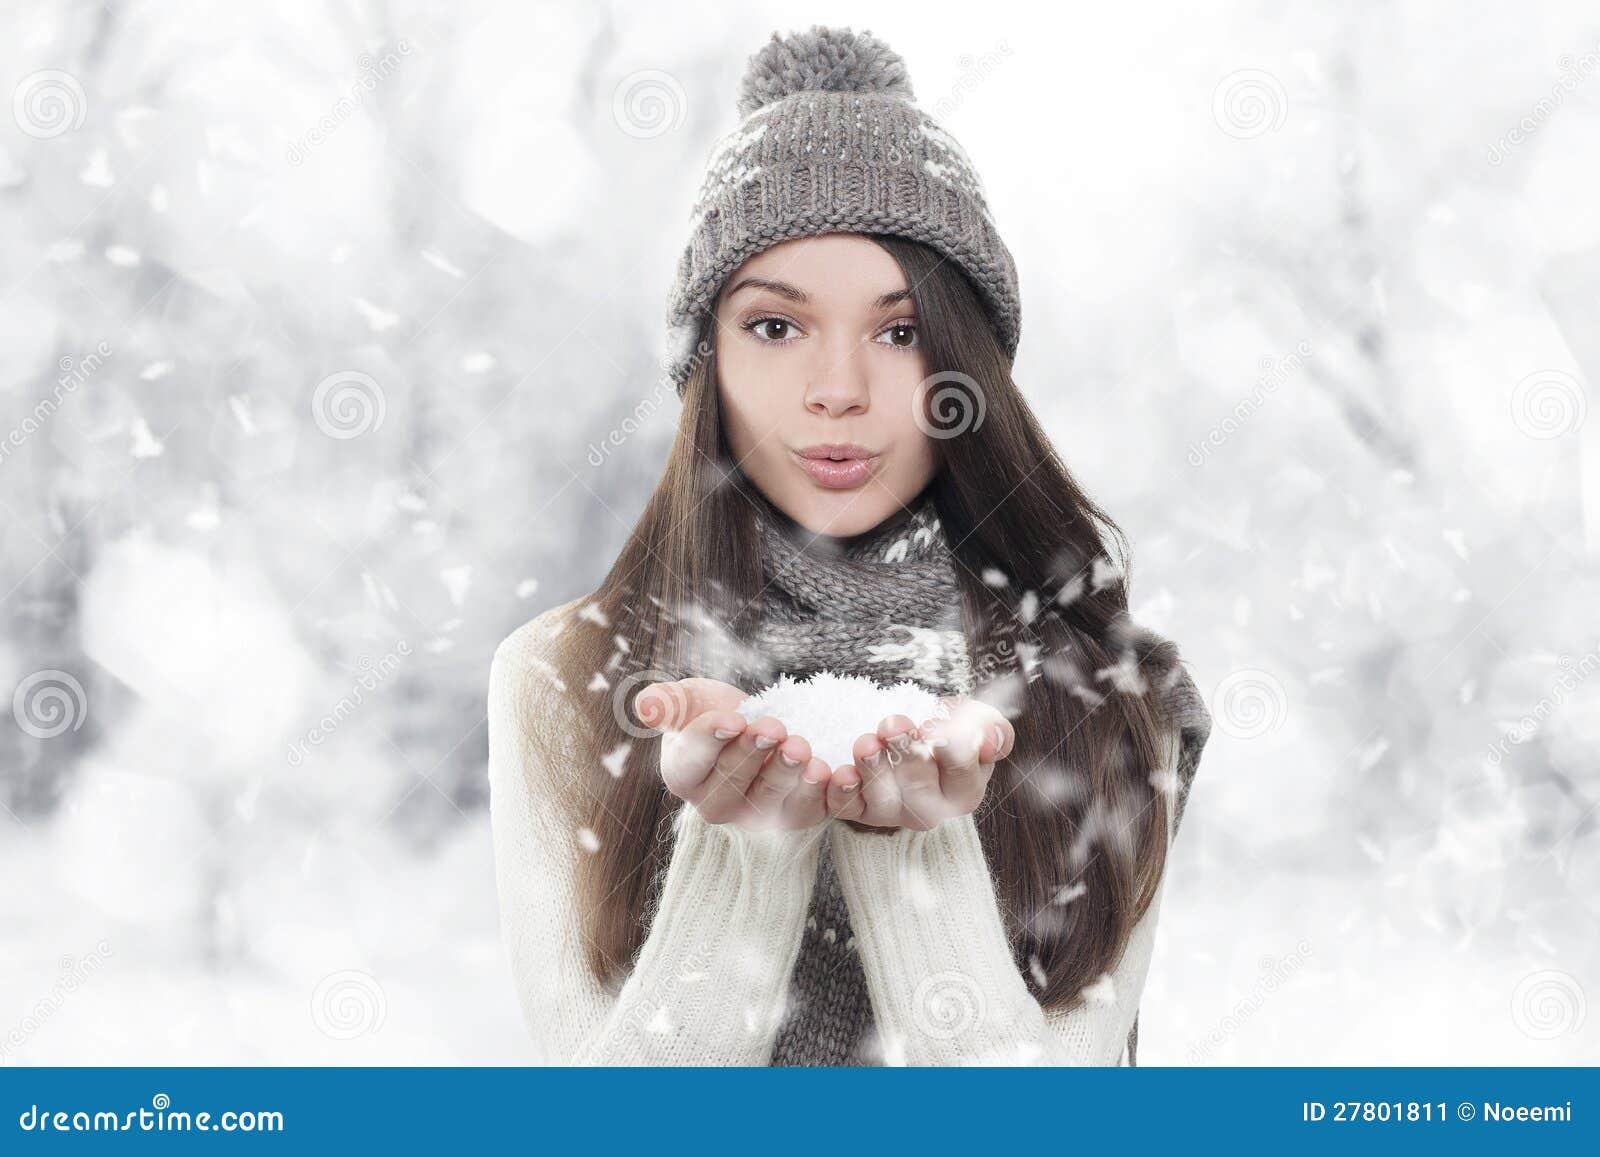 Winterporträt. Durchbrennenschnee der jungen, schönen Frau